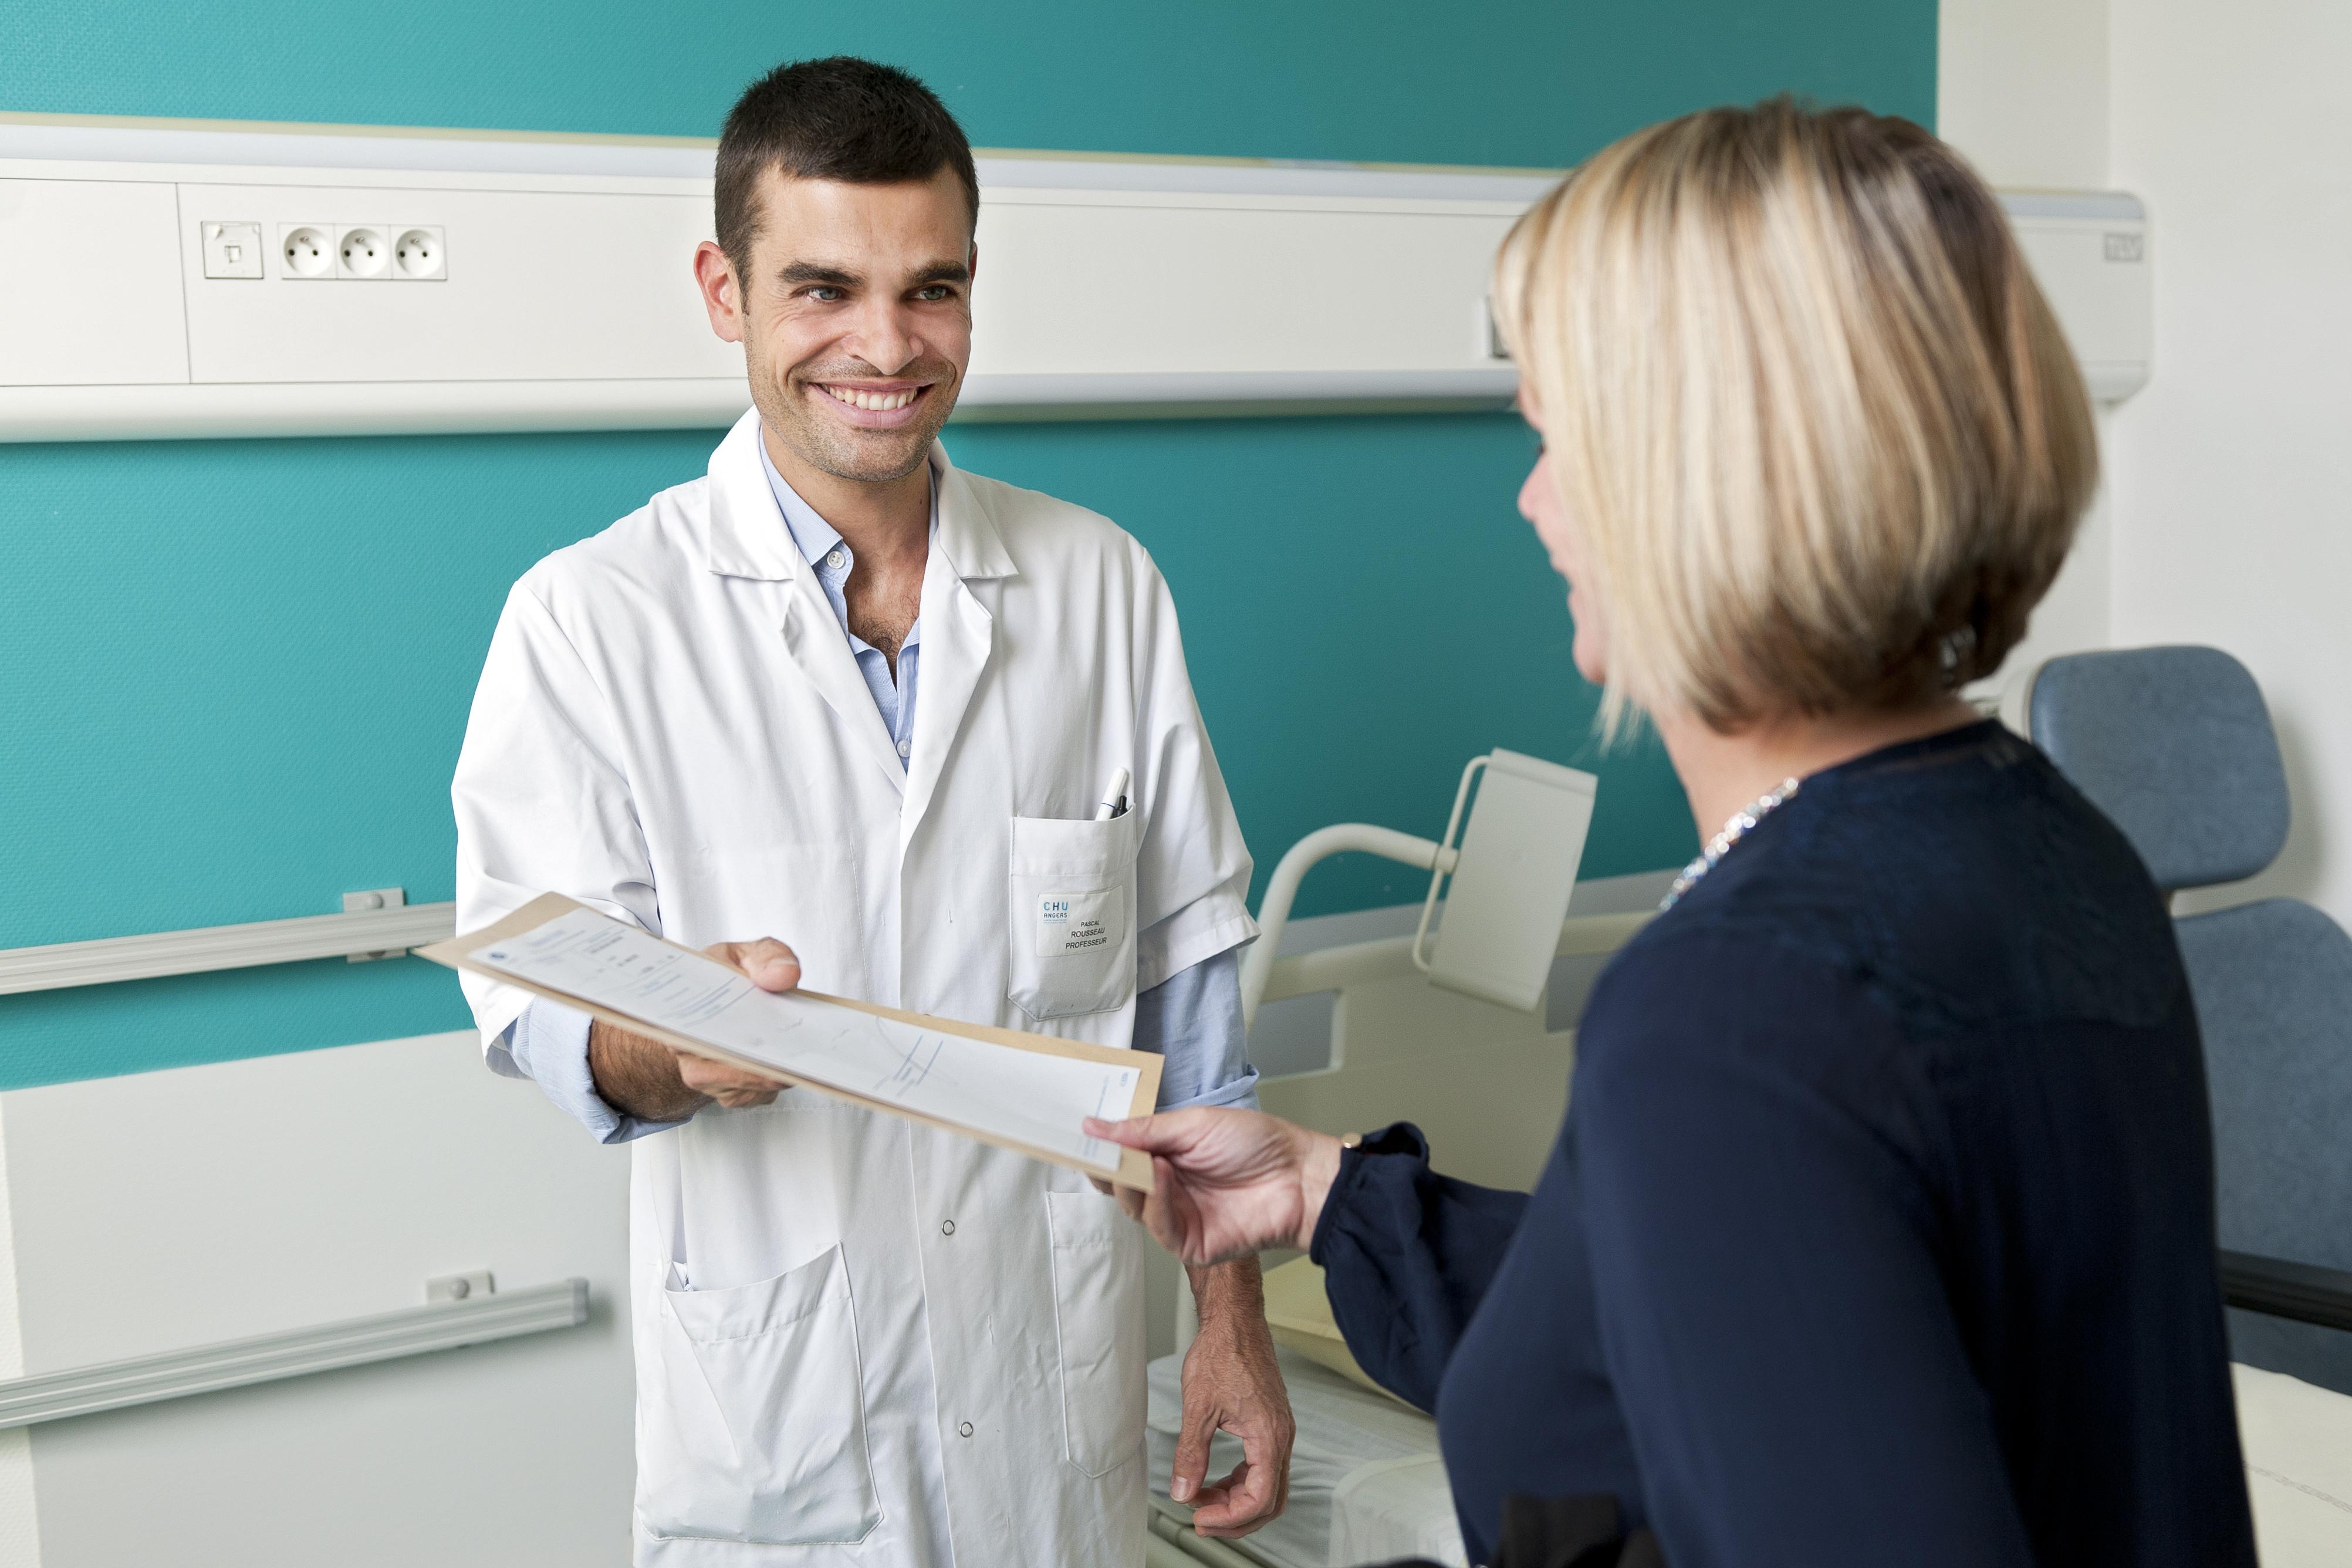 le médecin du service fixe le jour de sortie du patient